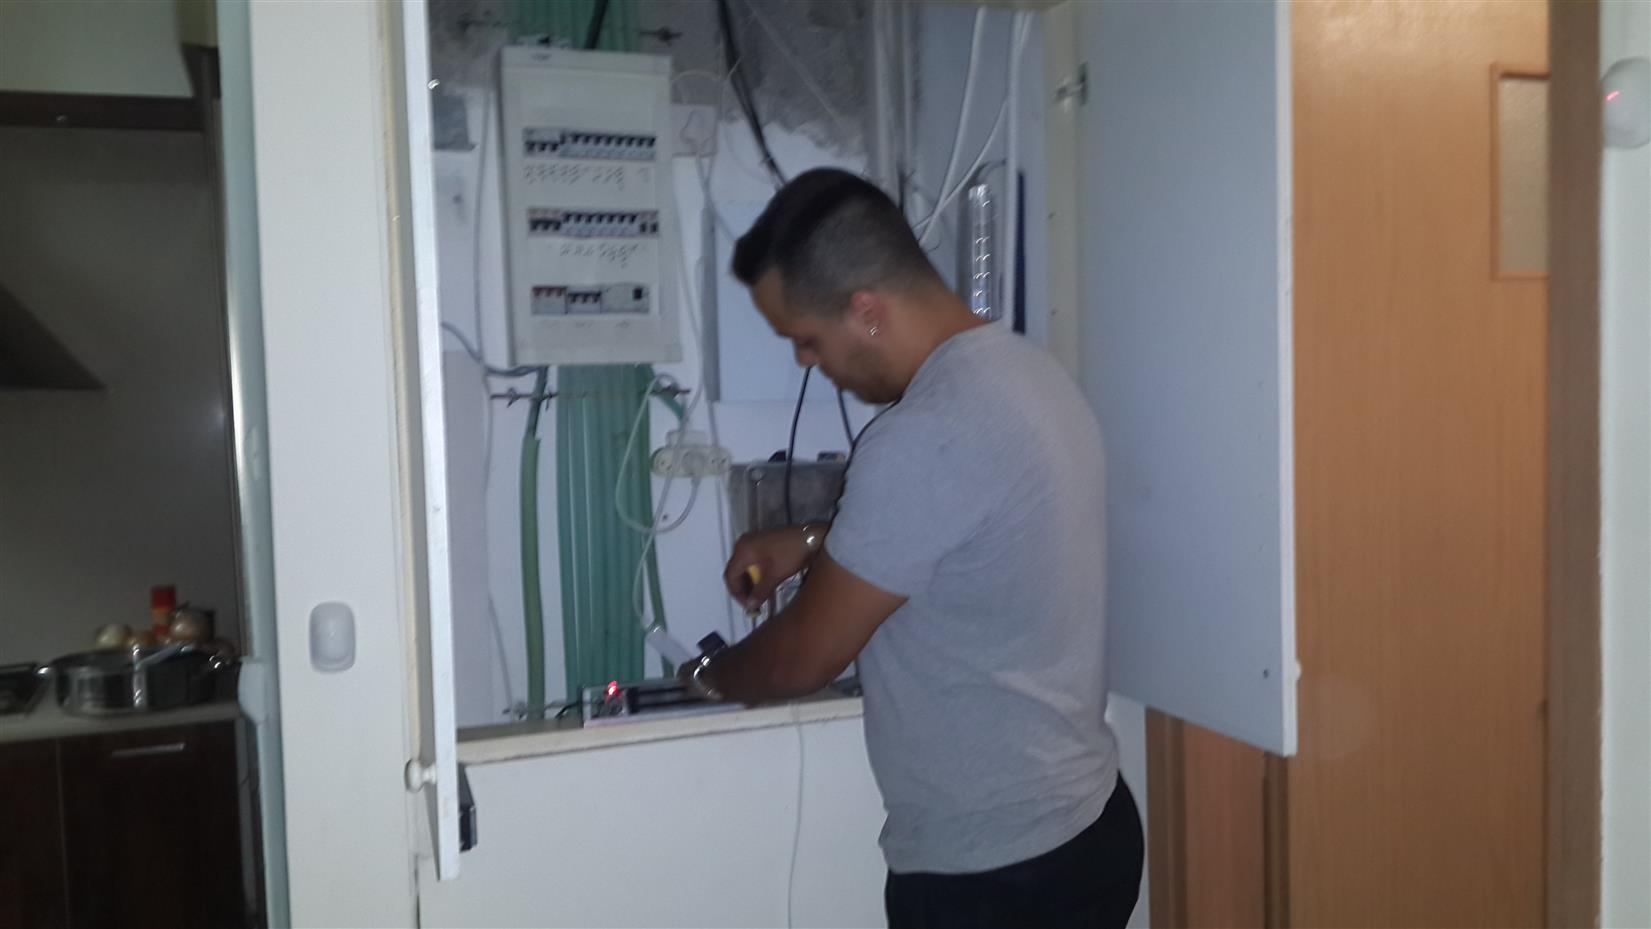 התקנת מנעול אלקטרו מגטי בארון